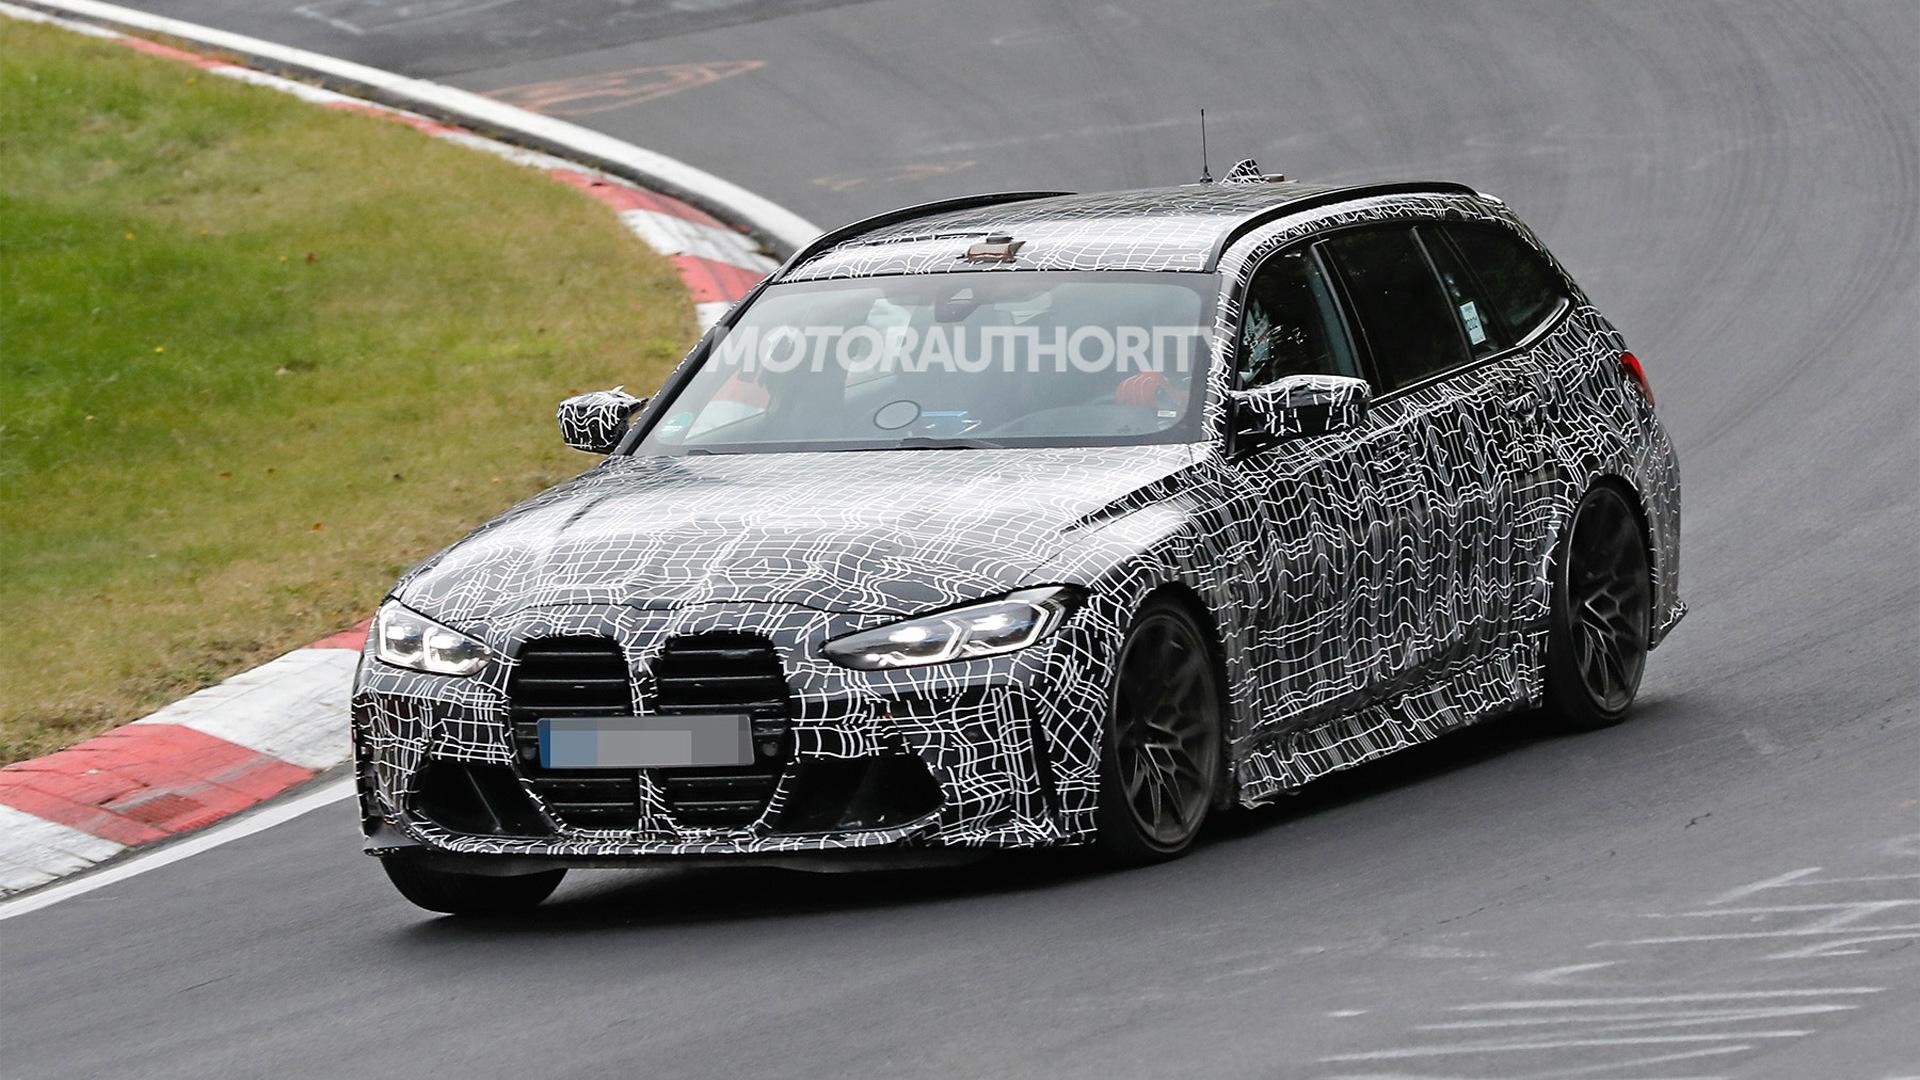 2022 BMW M3 Touring spy shots - Photo credit: S. Baldauf/SB-Medien